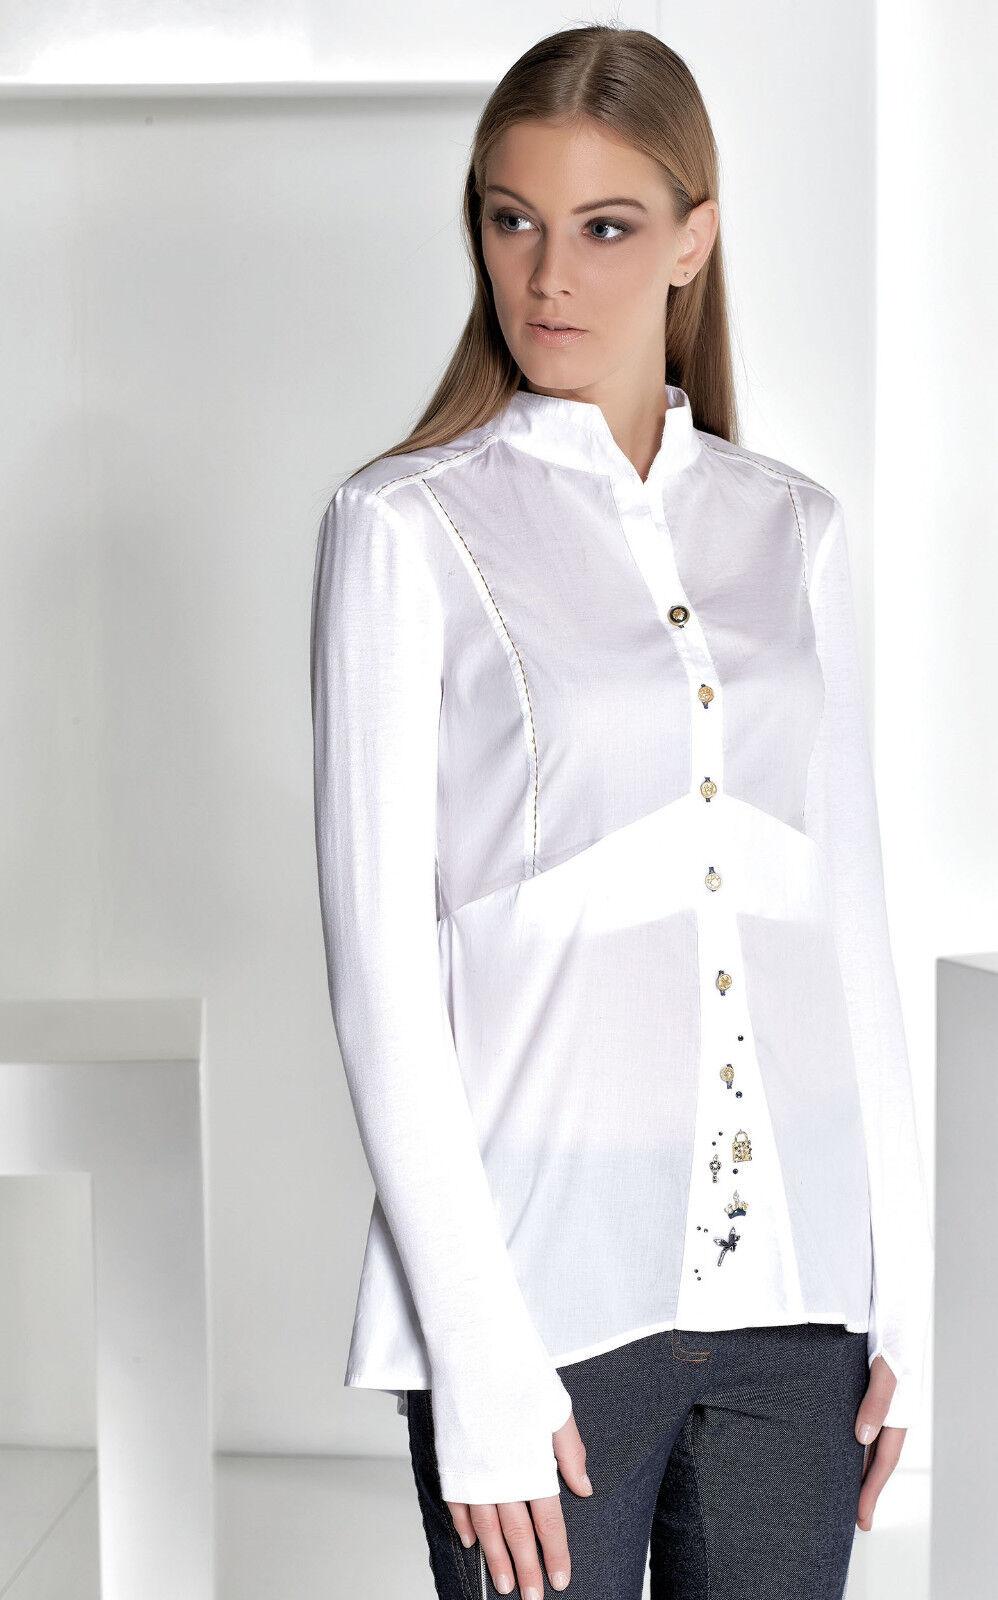 Elisa Cavaletti azulsa blouse tunic Bianco talla S (36)   invierno 2016   compras de moda online